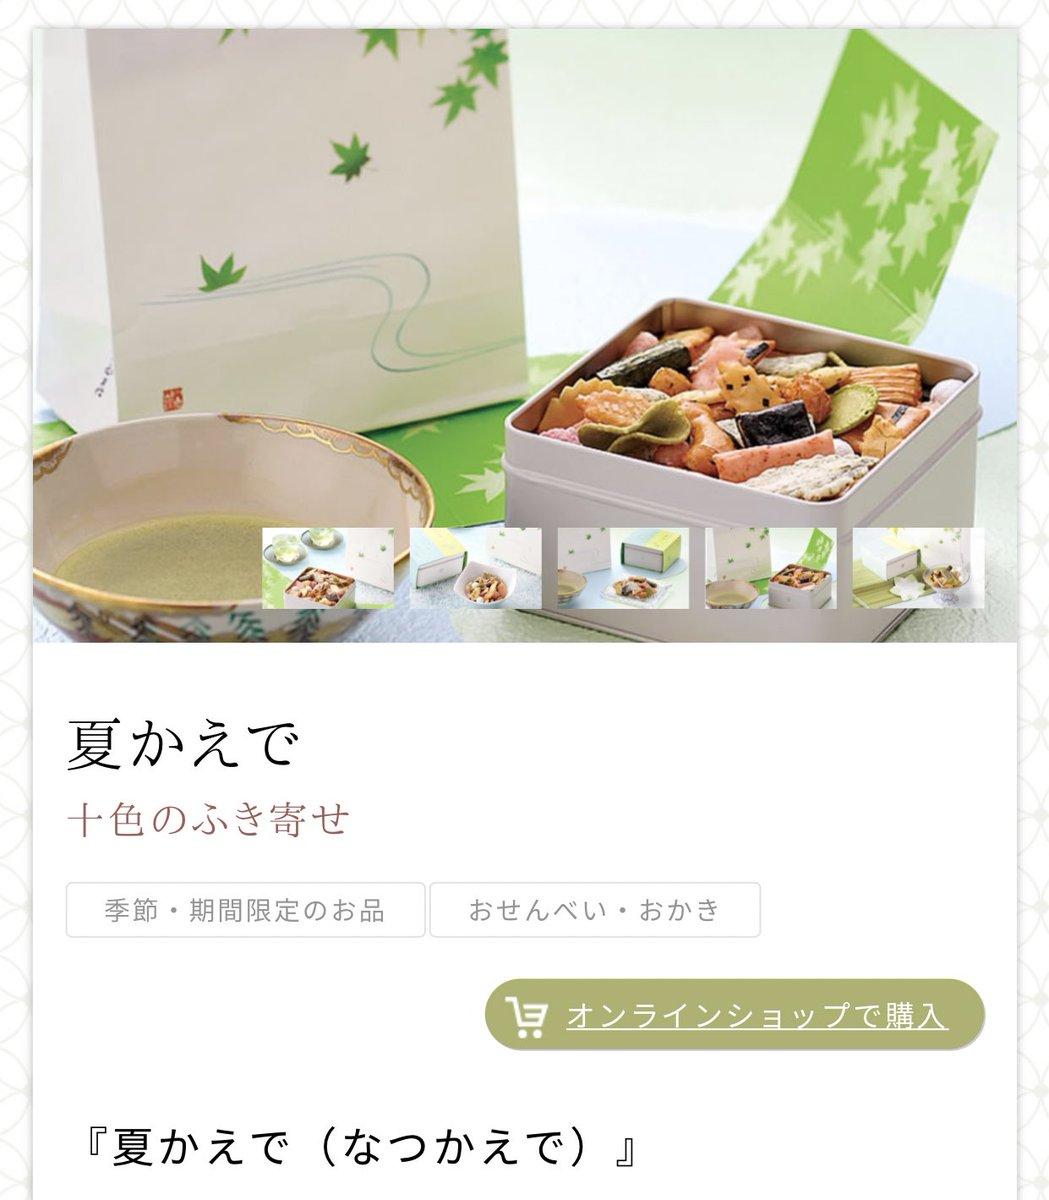 test ツイッターメディア - 小倉山荘のこのふき寄せ好きすぎてすぐ食い尽くしてしまう  3箱くらい欲しい https://t.co/KFhPKwrBxN